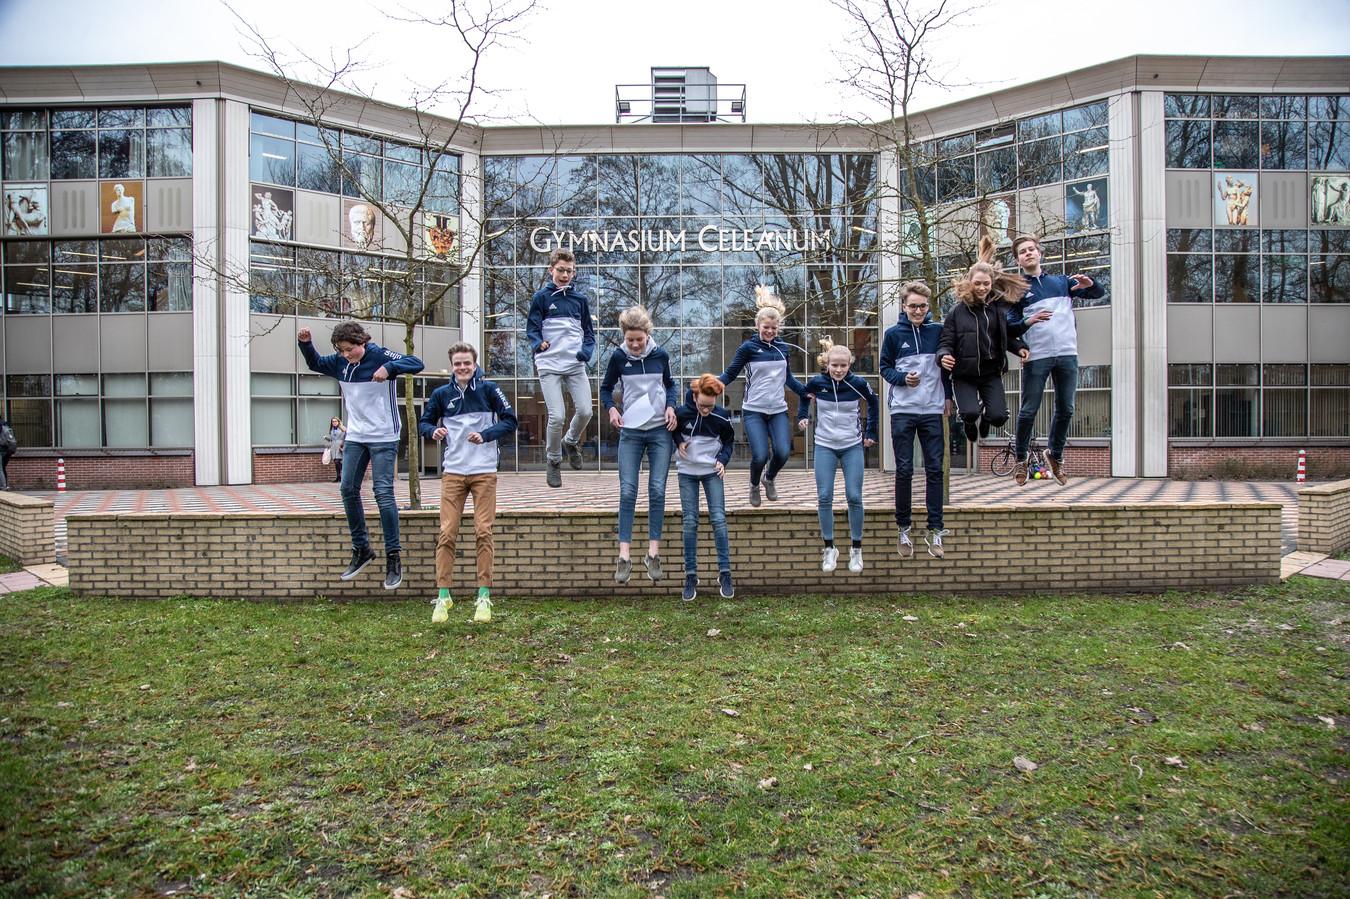 Gymnasiumstudenten uit Zwolle racen met een duurzame sportauto tijdens Shell Eco Marathon. Ze zijn een van de weinige middelbare scholen die meedoen.